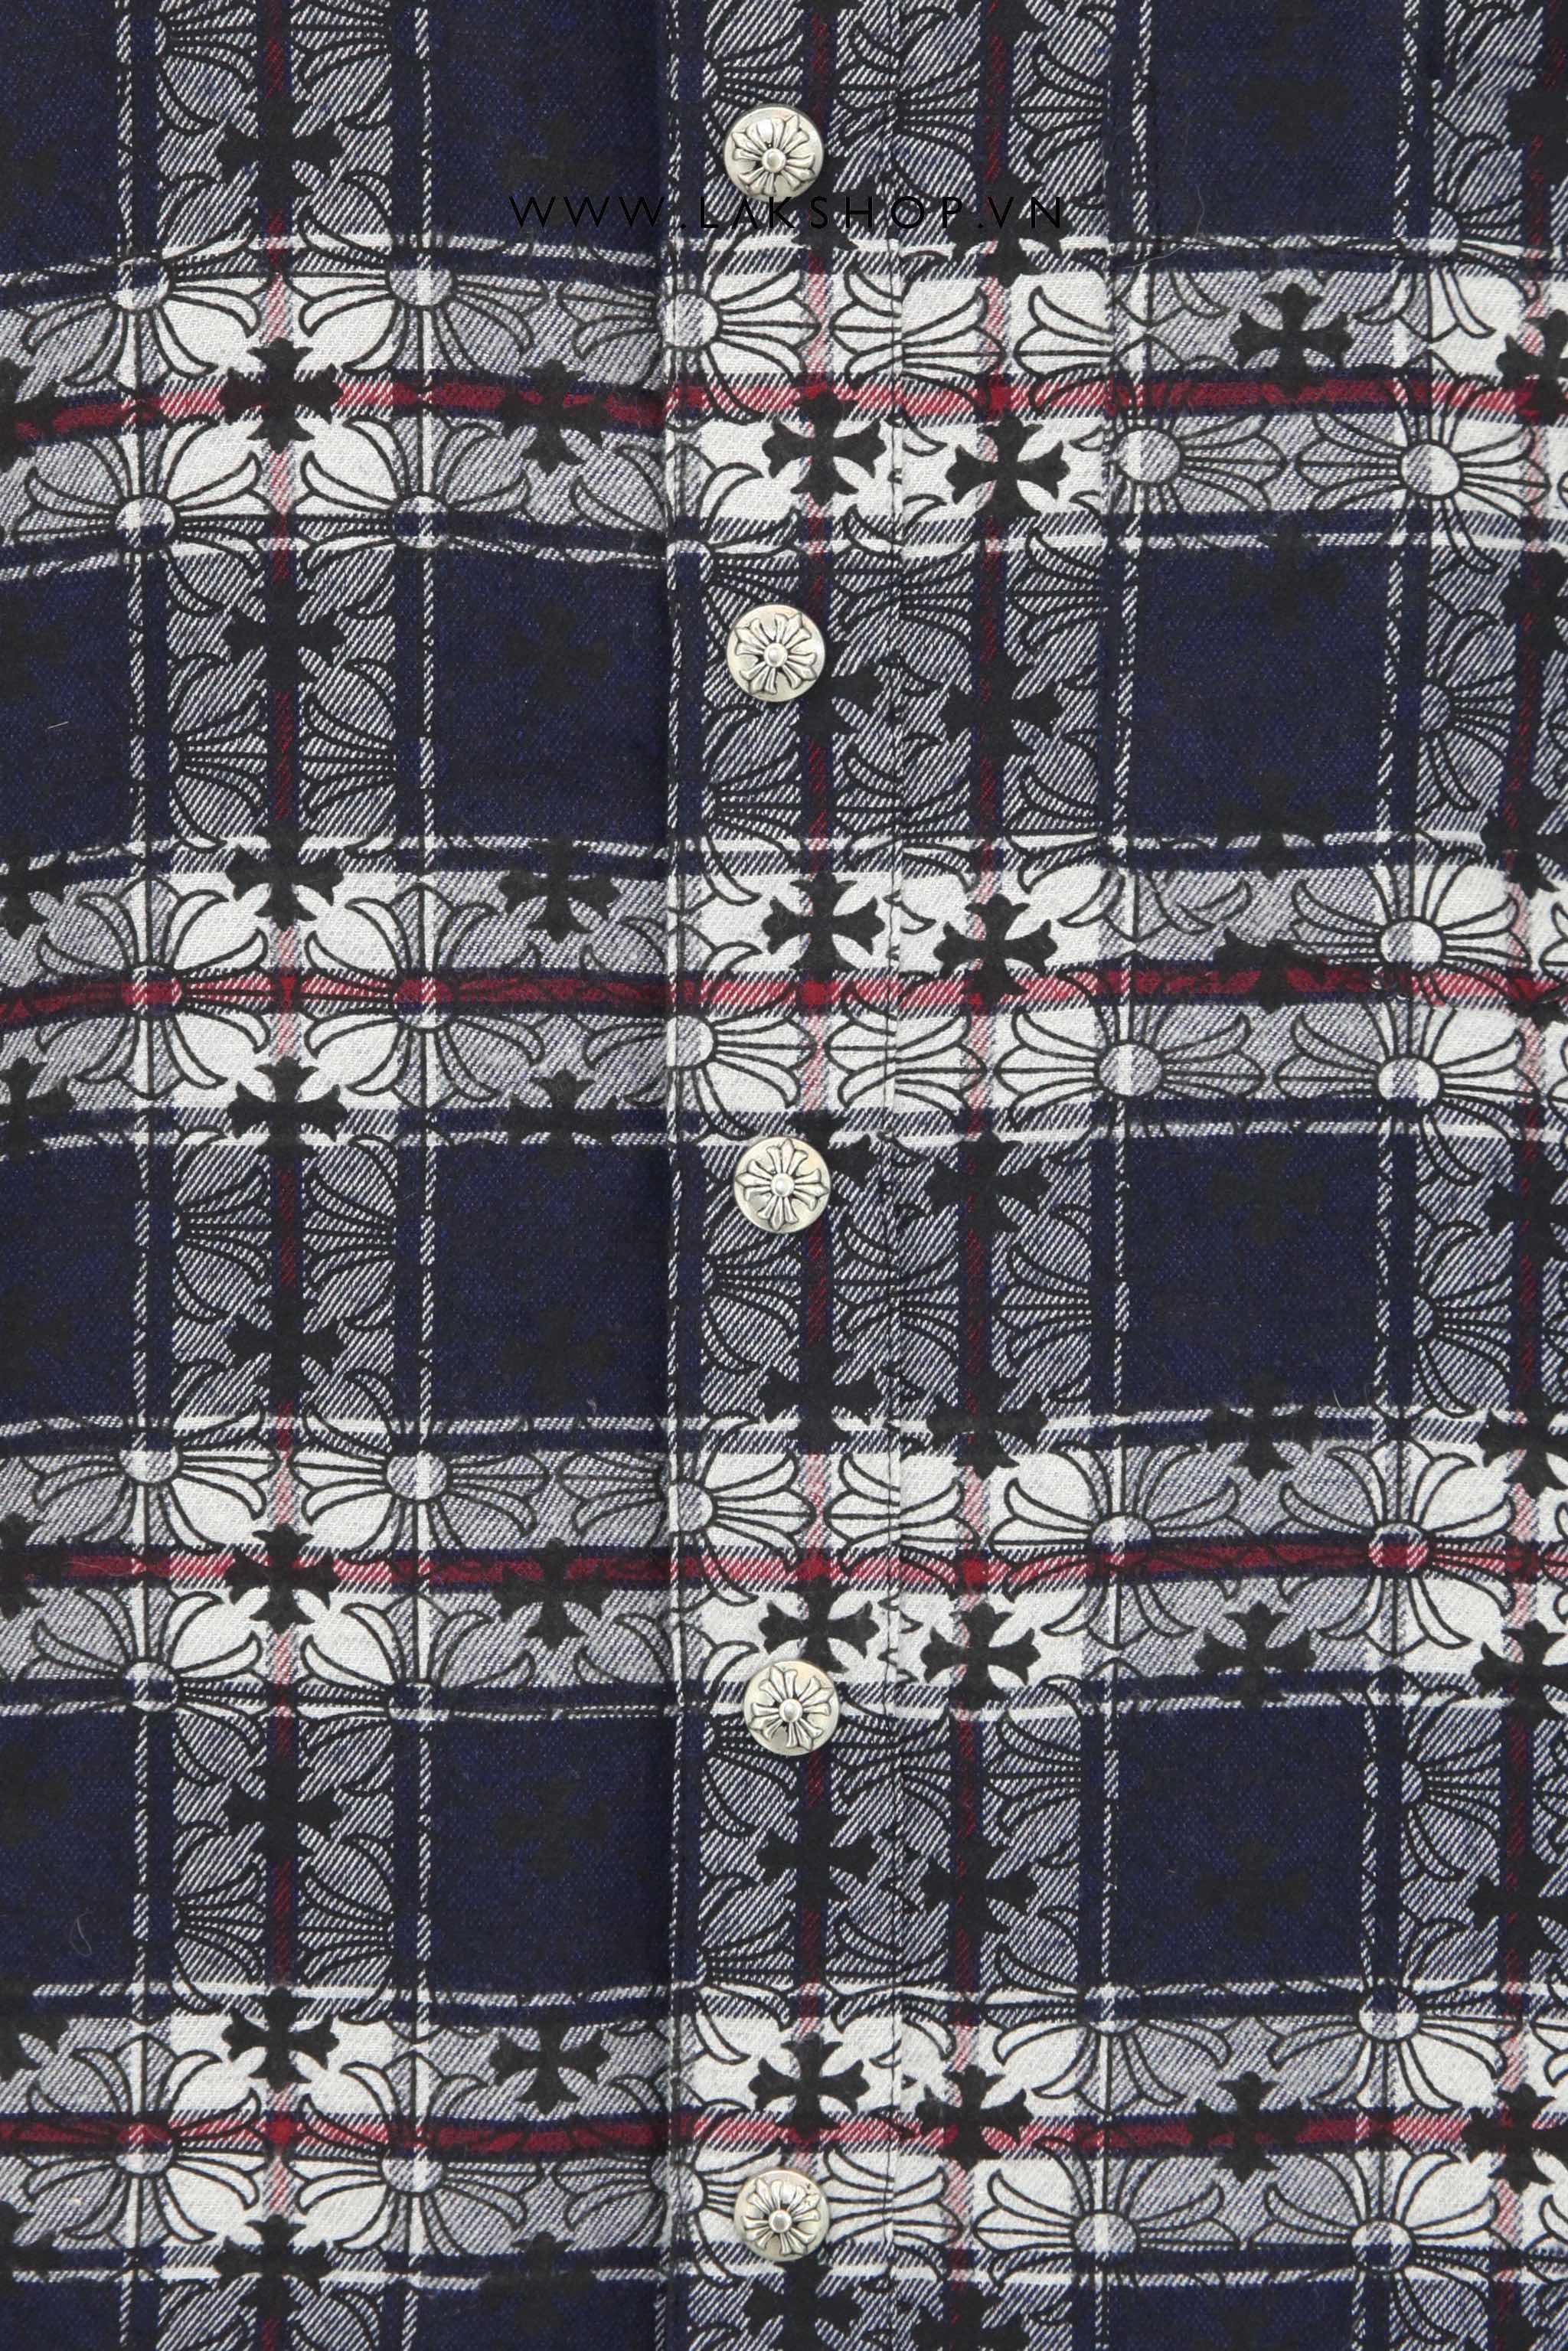 Chrome Hearts Blue Flannel Cross Ball Button Shirt